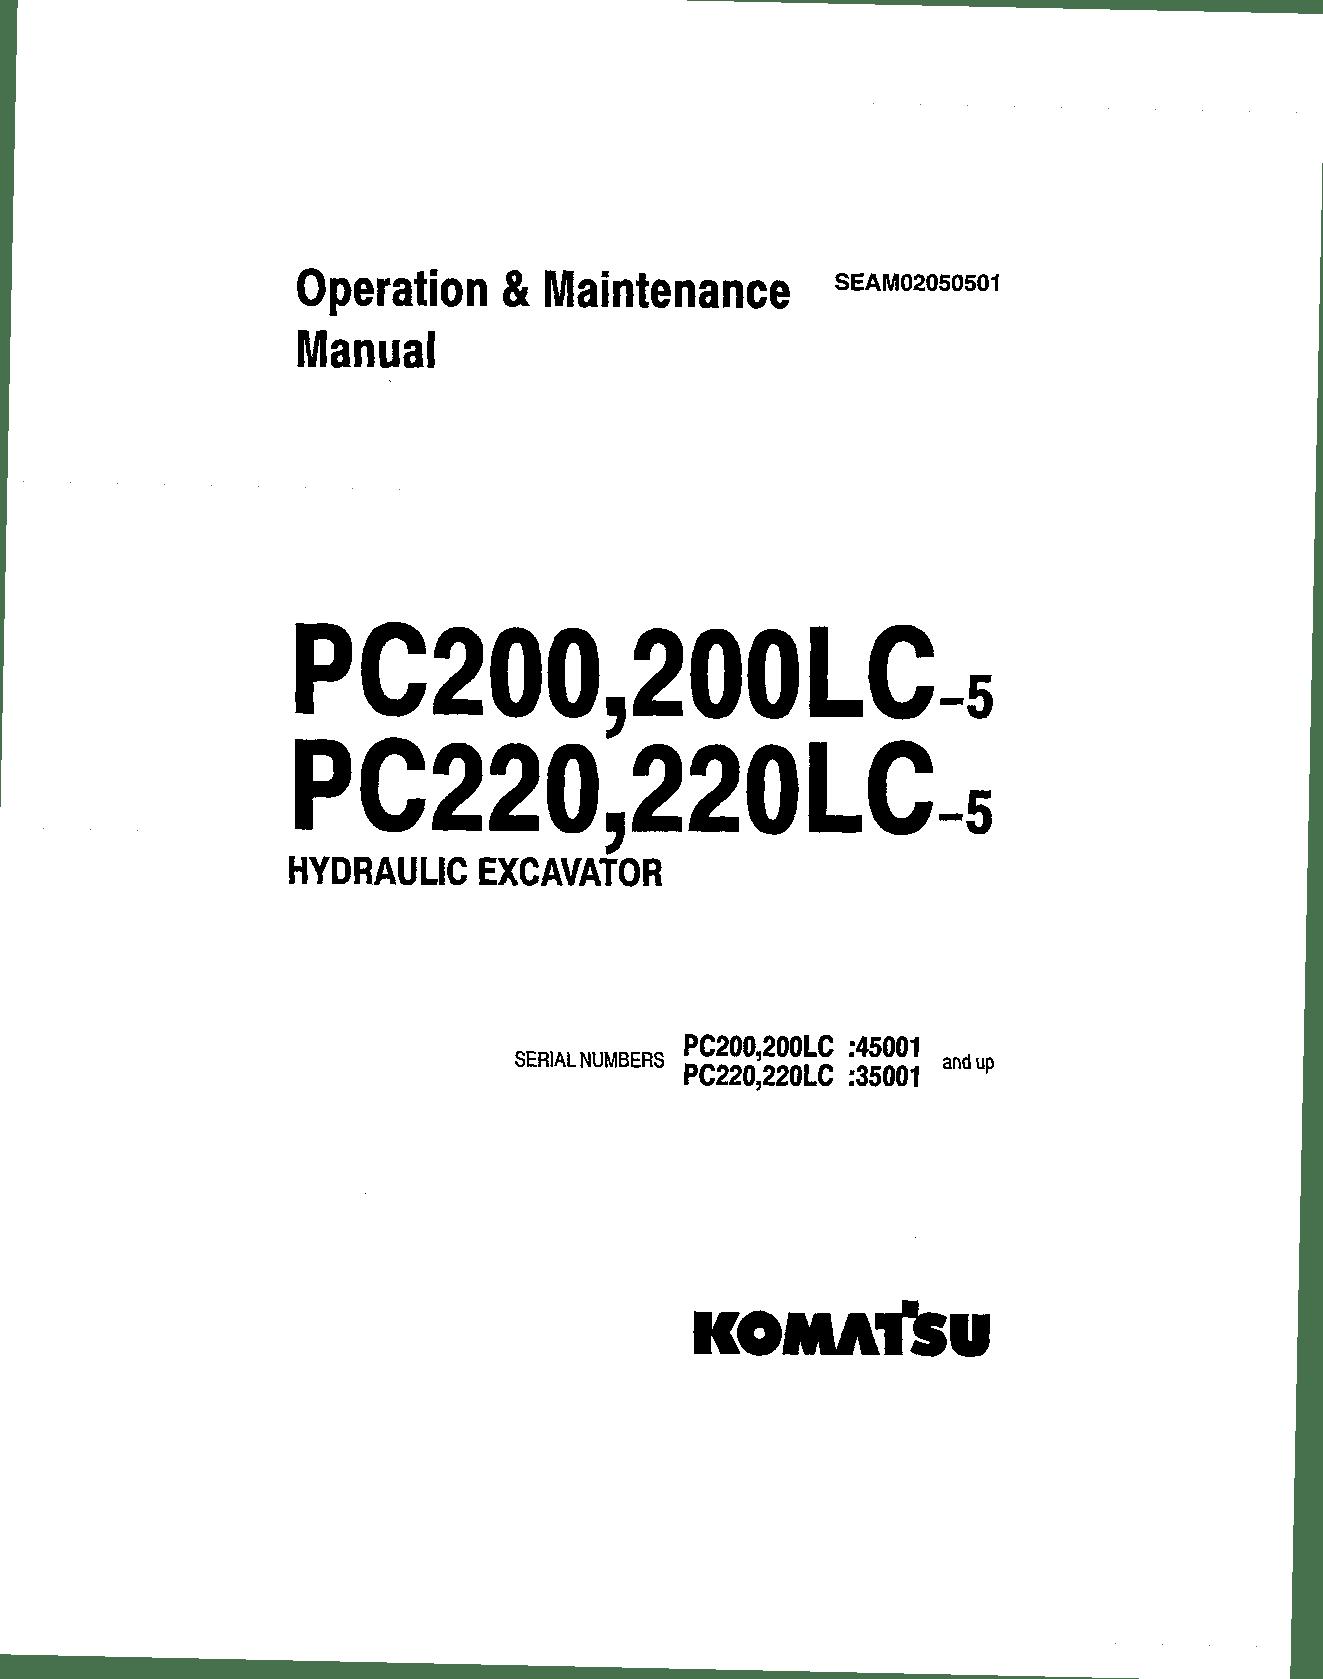 Komatsu PC200-5 Operation and Maintenance Manual